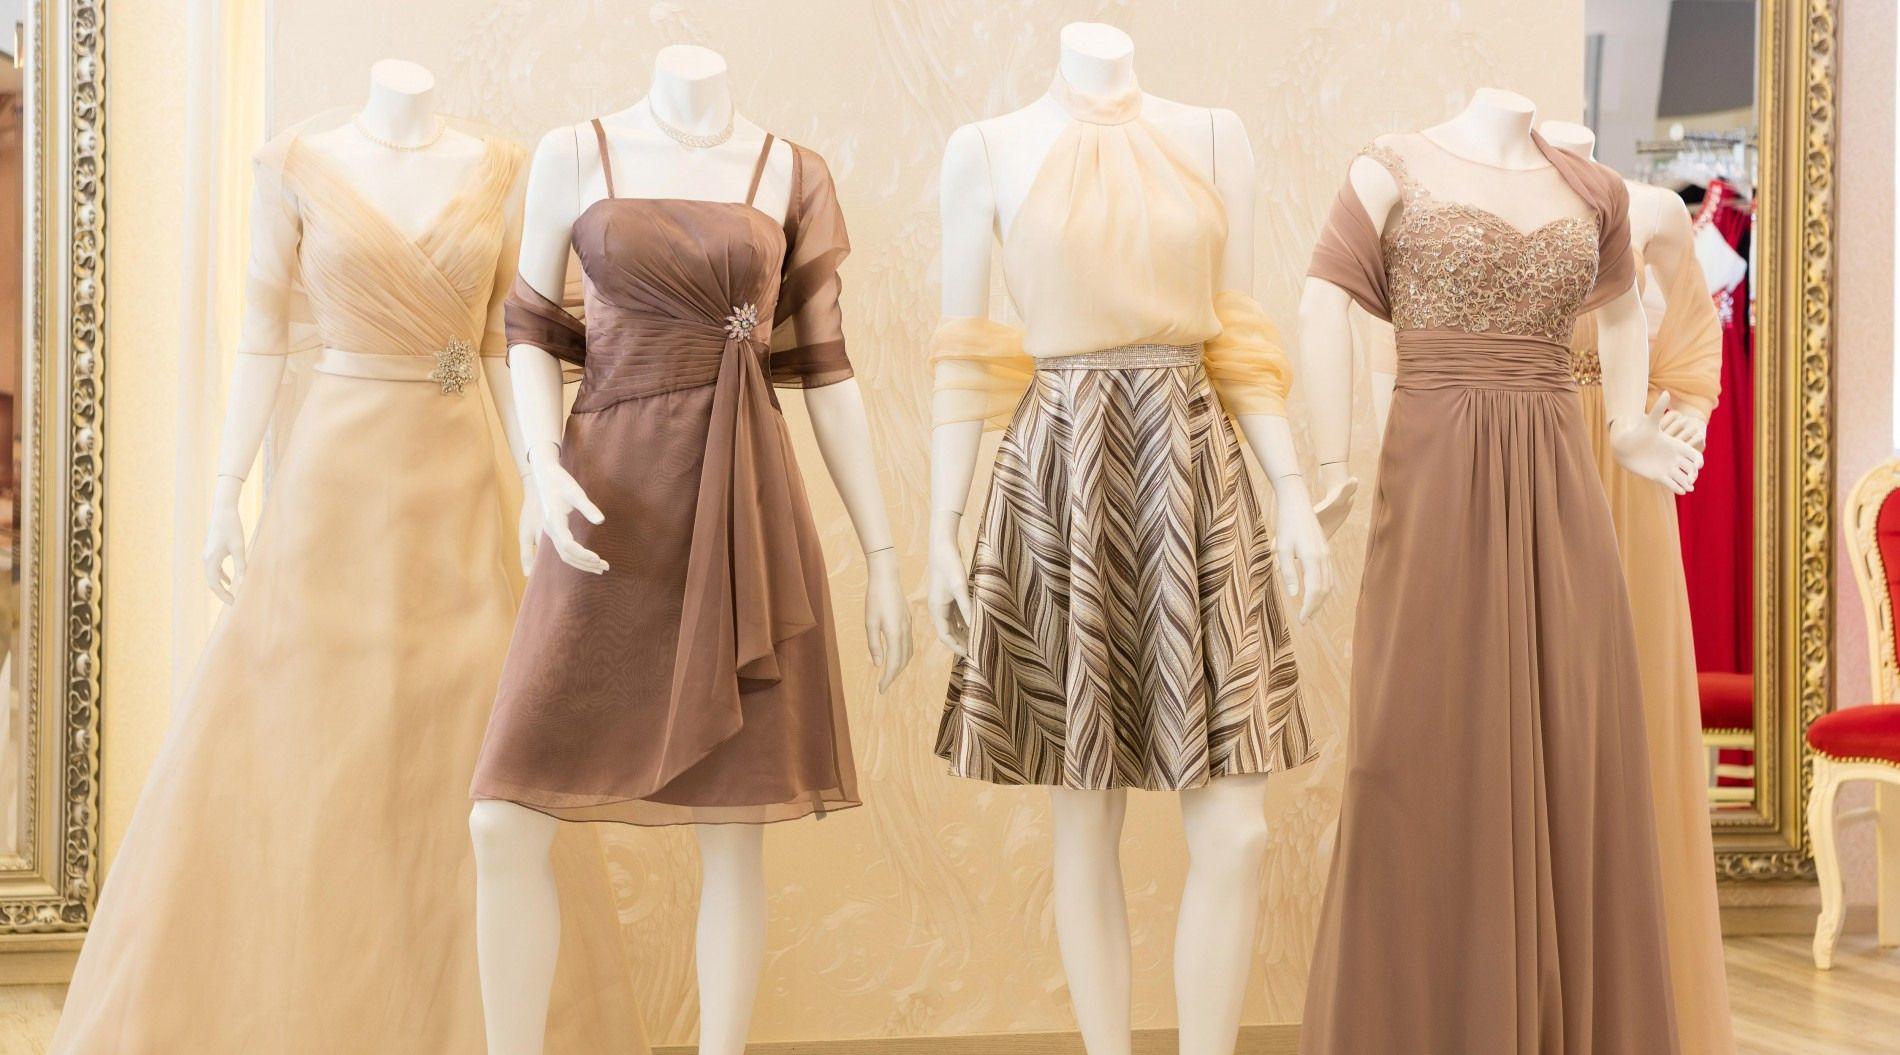 kleider für hochzeit regensburg | wedding dresses, fashion